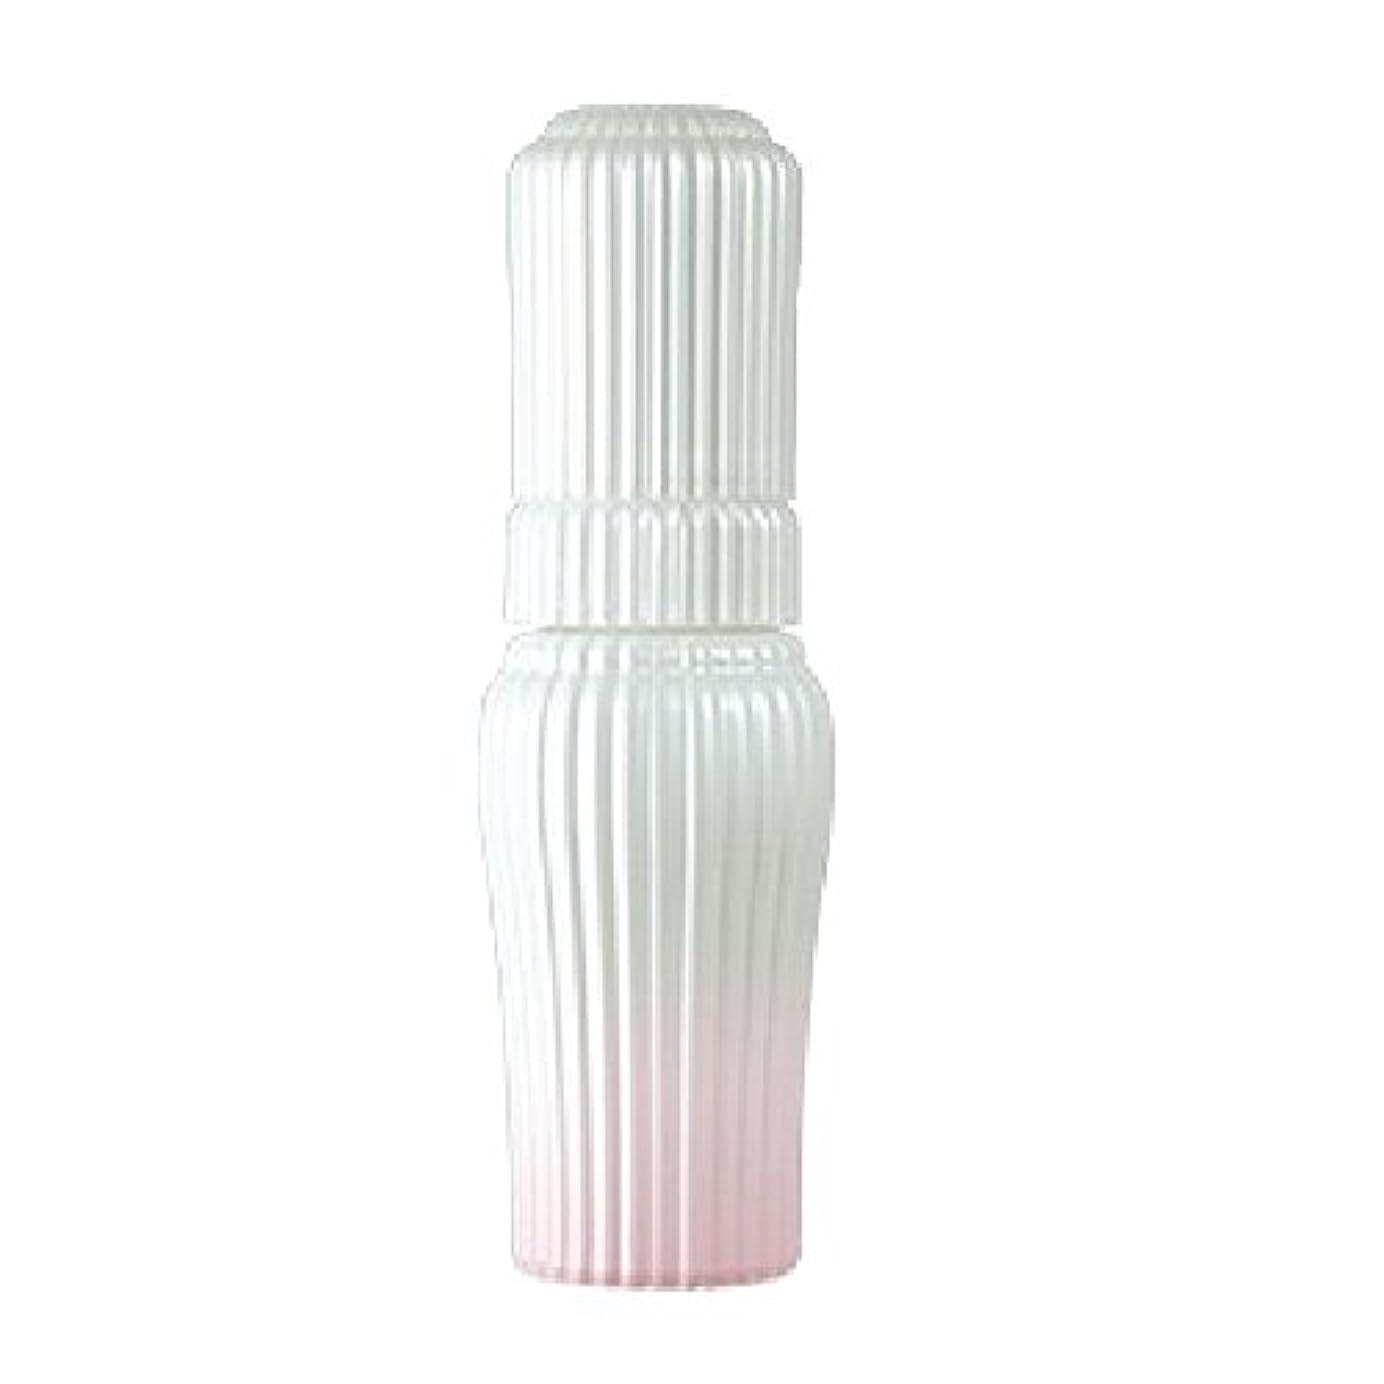 無意識社説将来のアユーラ (AYURA) fサインディフェンス ホワイトニングセラム(医薬部外品) 40mL 〈敏感肌用 美白 美容液〉 薬用美白液